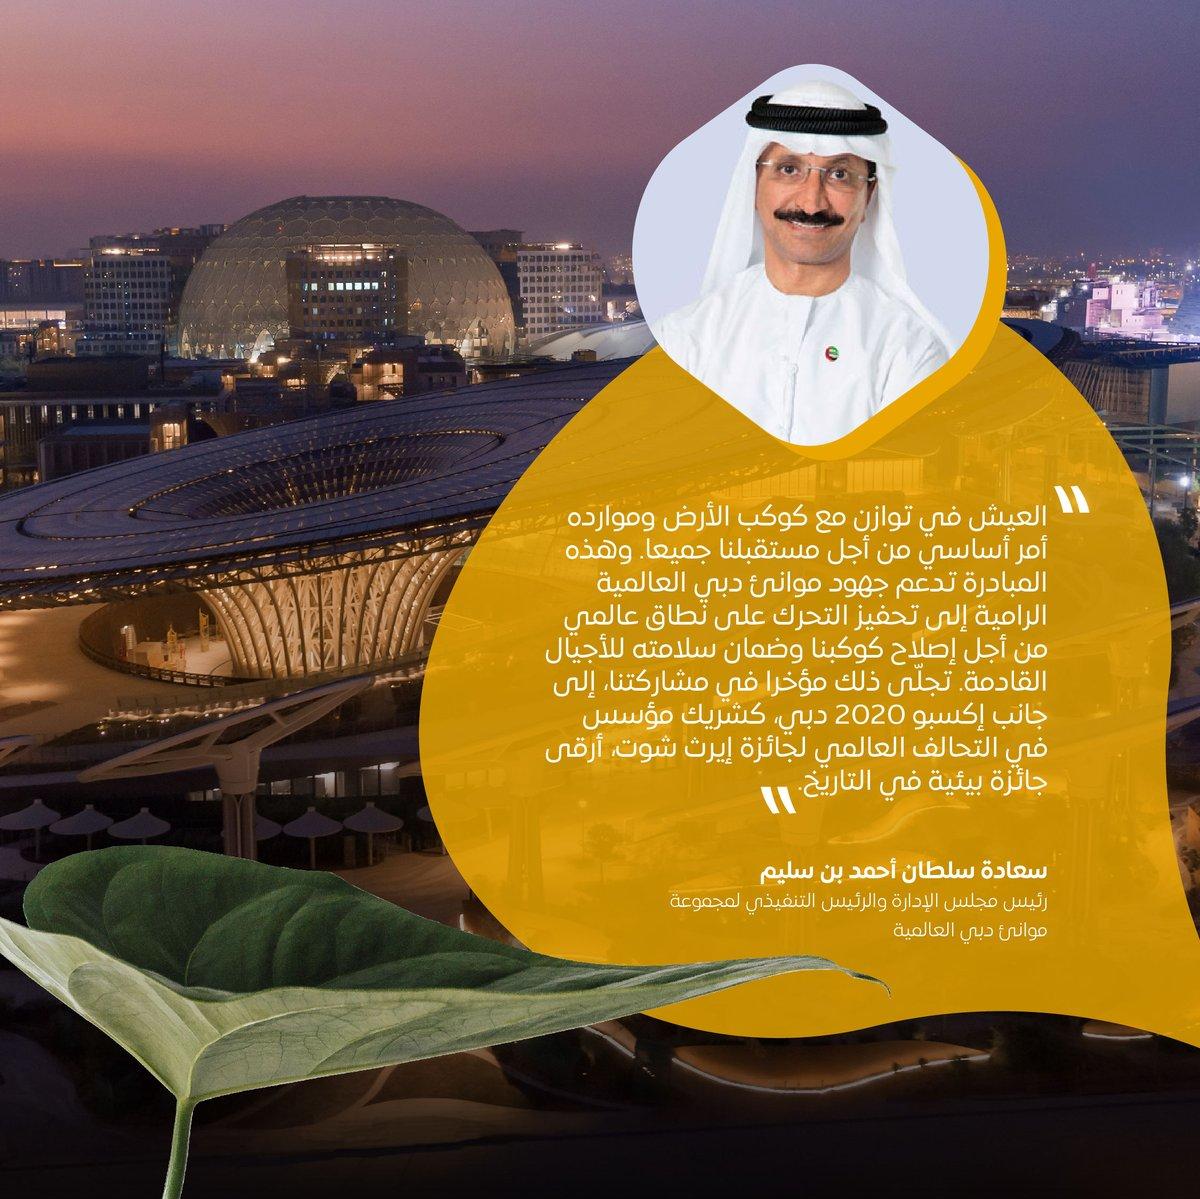 سعادة سلطان أحمد بن سليم، رئيس مجلس الإدارة والرئيس التنفيذي لمجموعة موانئ دبي العالمية، يناقش التزام المجموعة بمعالجة التحديات البيئية المُلحة في الوقت الراهن، والمساهمة في عالم تُصان فيه البيئة. @DP_World #إكسبو2020 #دبي #الإمارات https://t.co/PWsebaxVVr